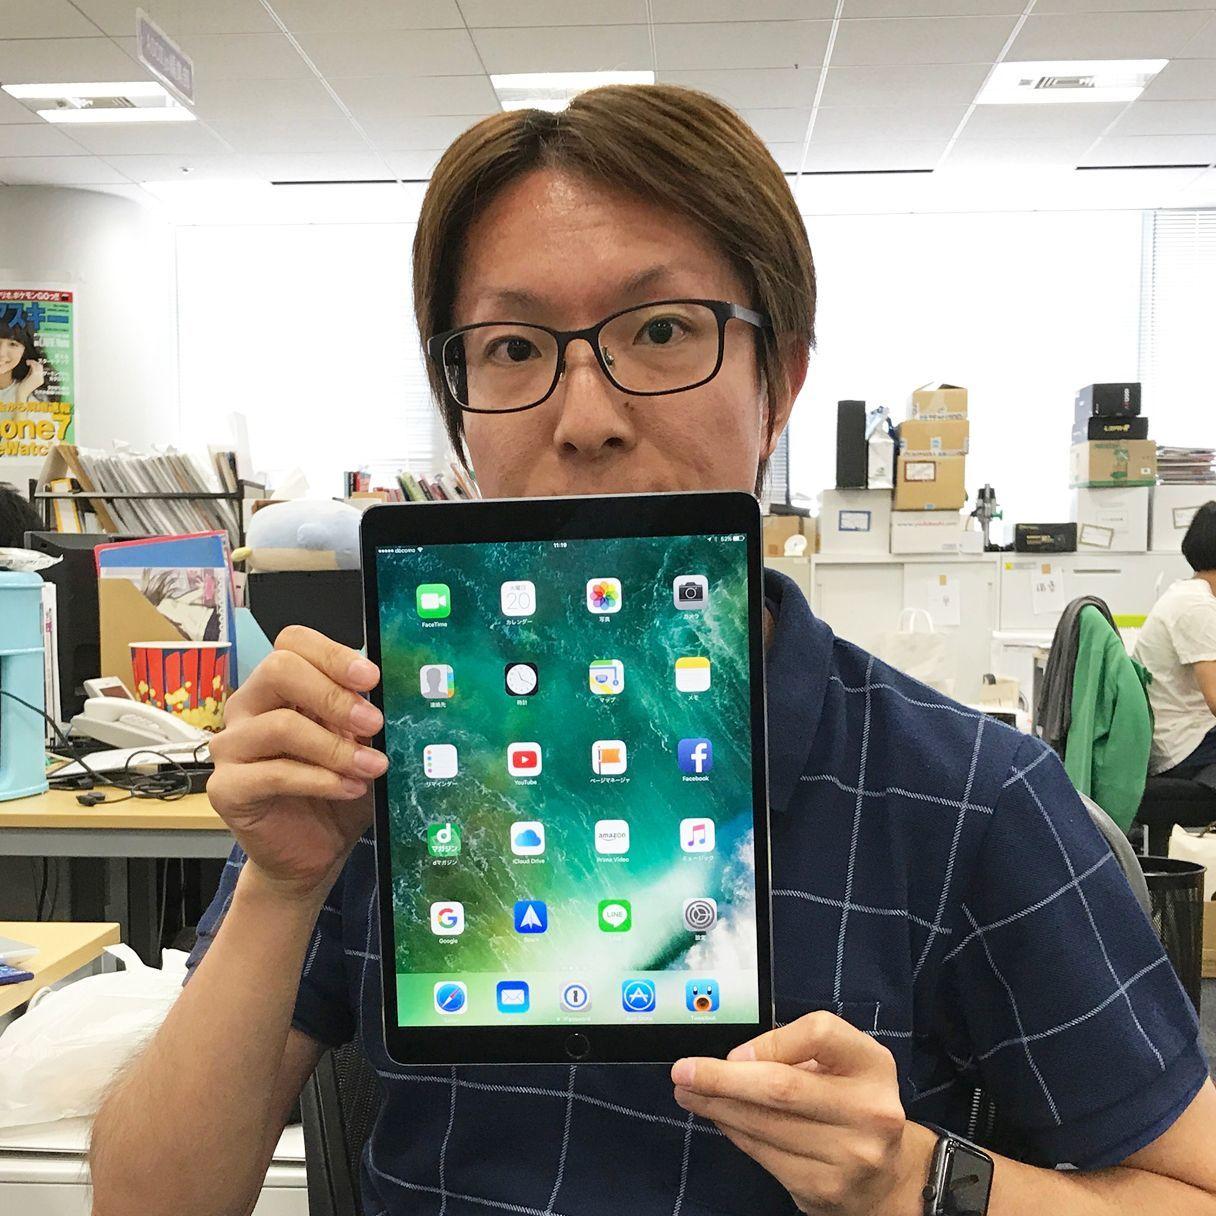 佐藤まが迷って決められない最強ガジェット「10.5型iPad Pro」「Galaxy S8」